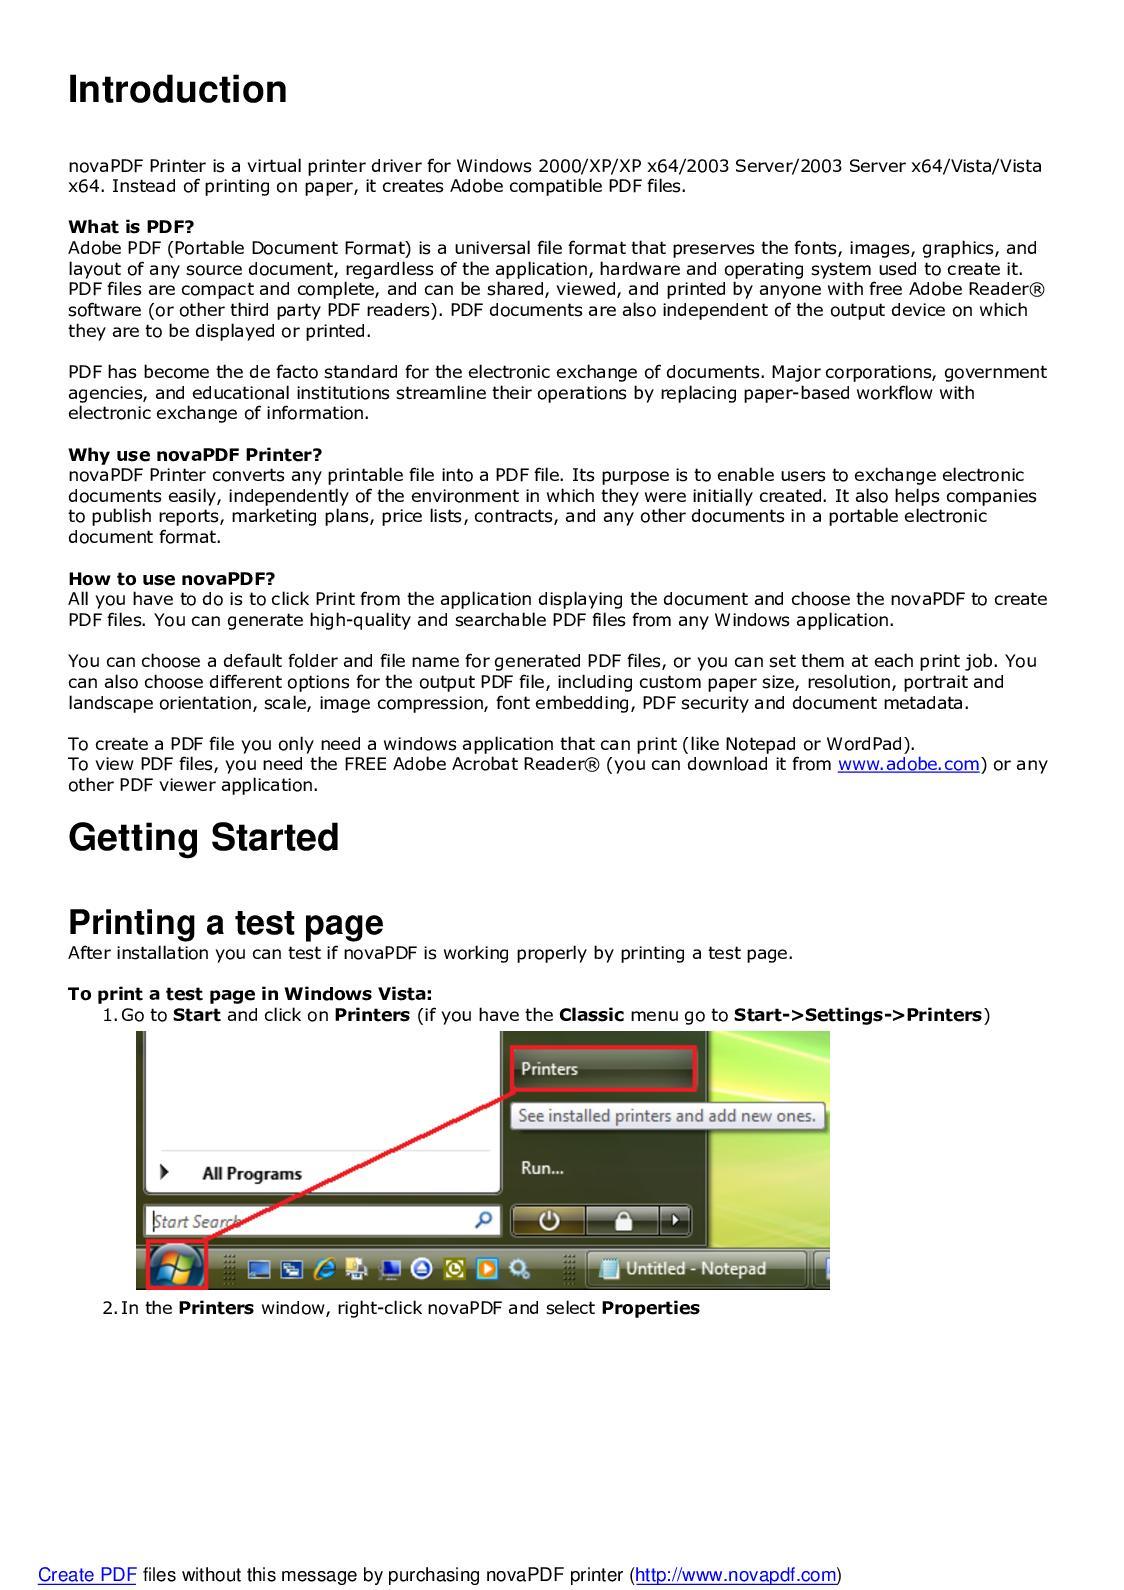 pdf printer driver win xp